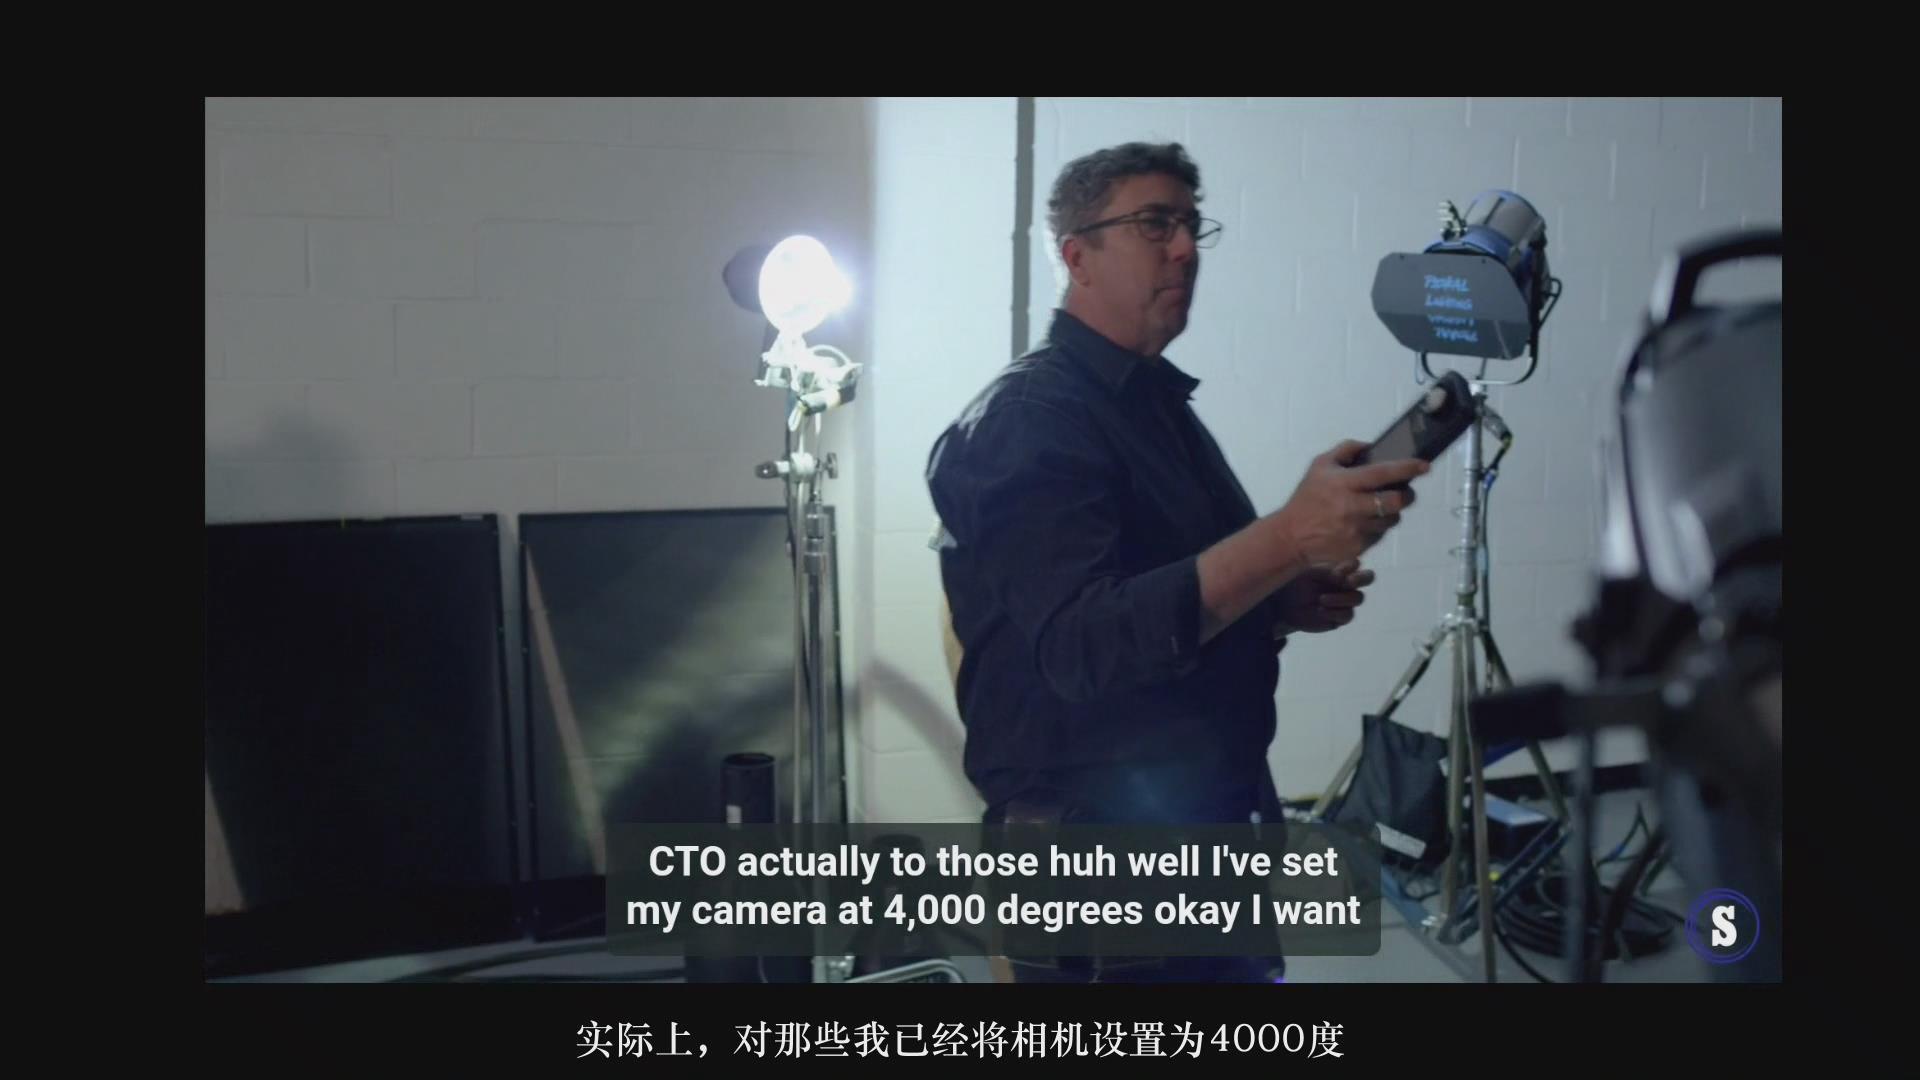 摄影教程_Hurlbut Academy–如何为电影在夜景室内场景布光营造自然外观-中文字幕 摄影教程 _预览图7